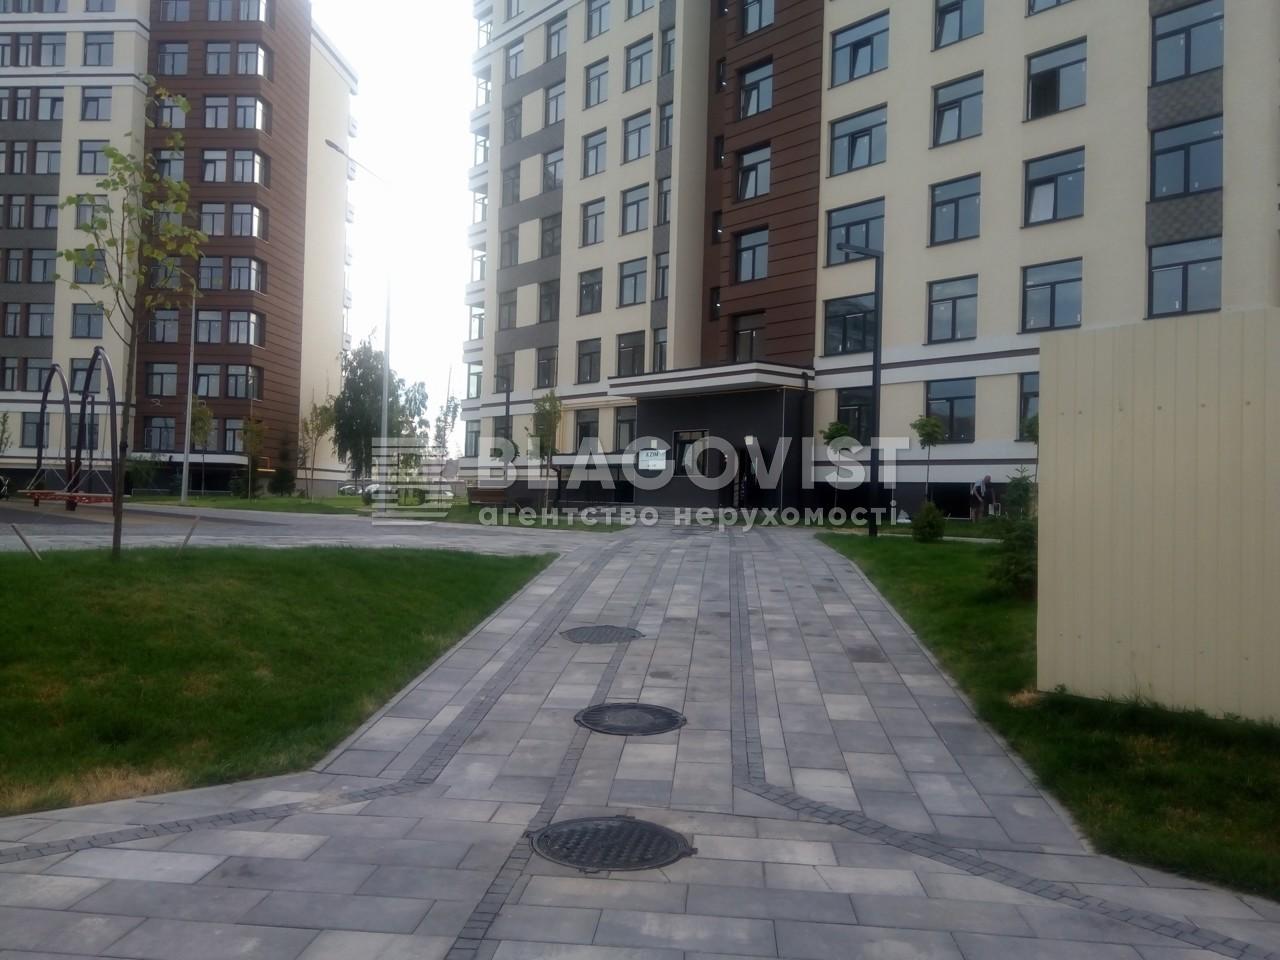 Квартира M-36785, Юнацька, 4, Київ - Фото 2